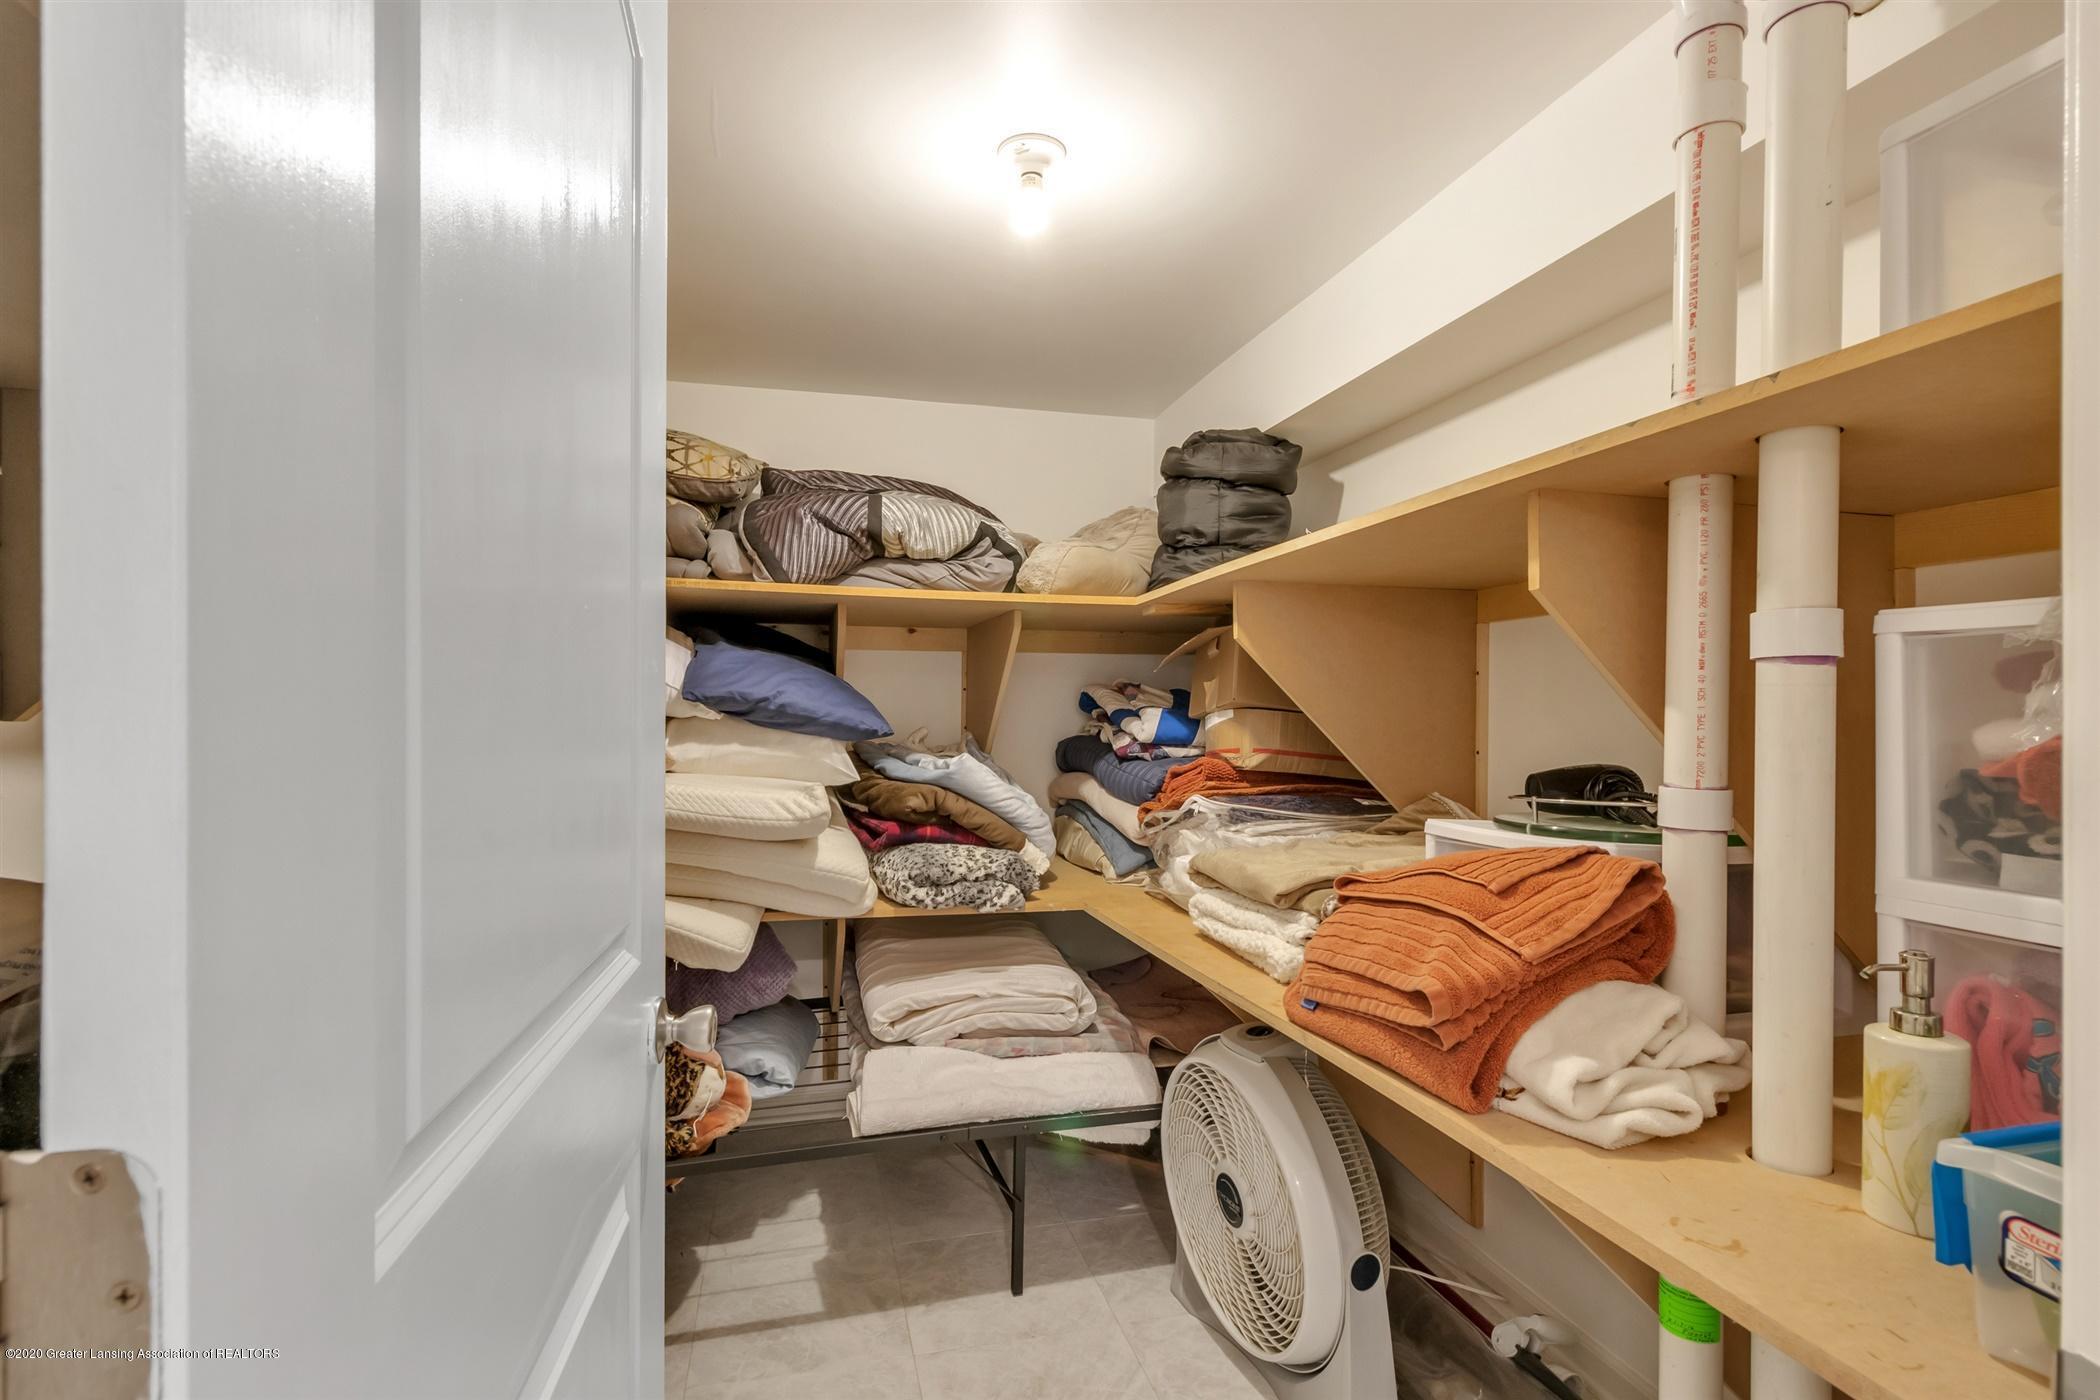 7346 W Cutler Rd - ADDITIONAL STORAGE IN BATHROOM - 56